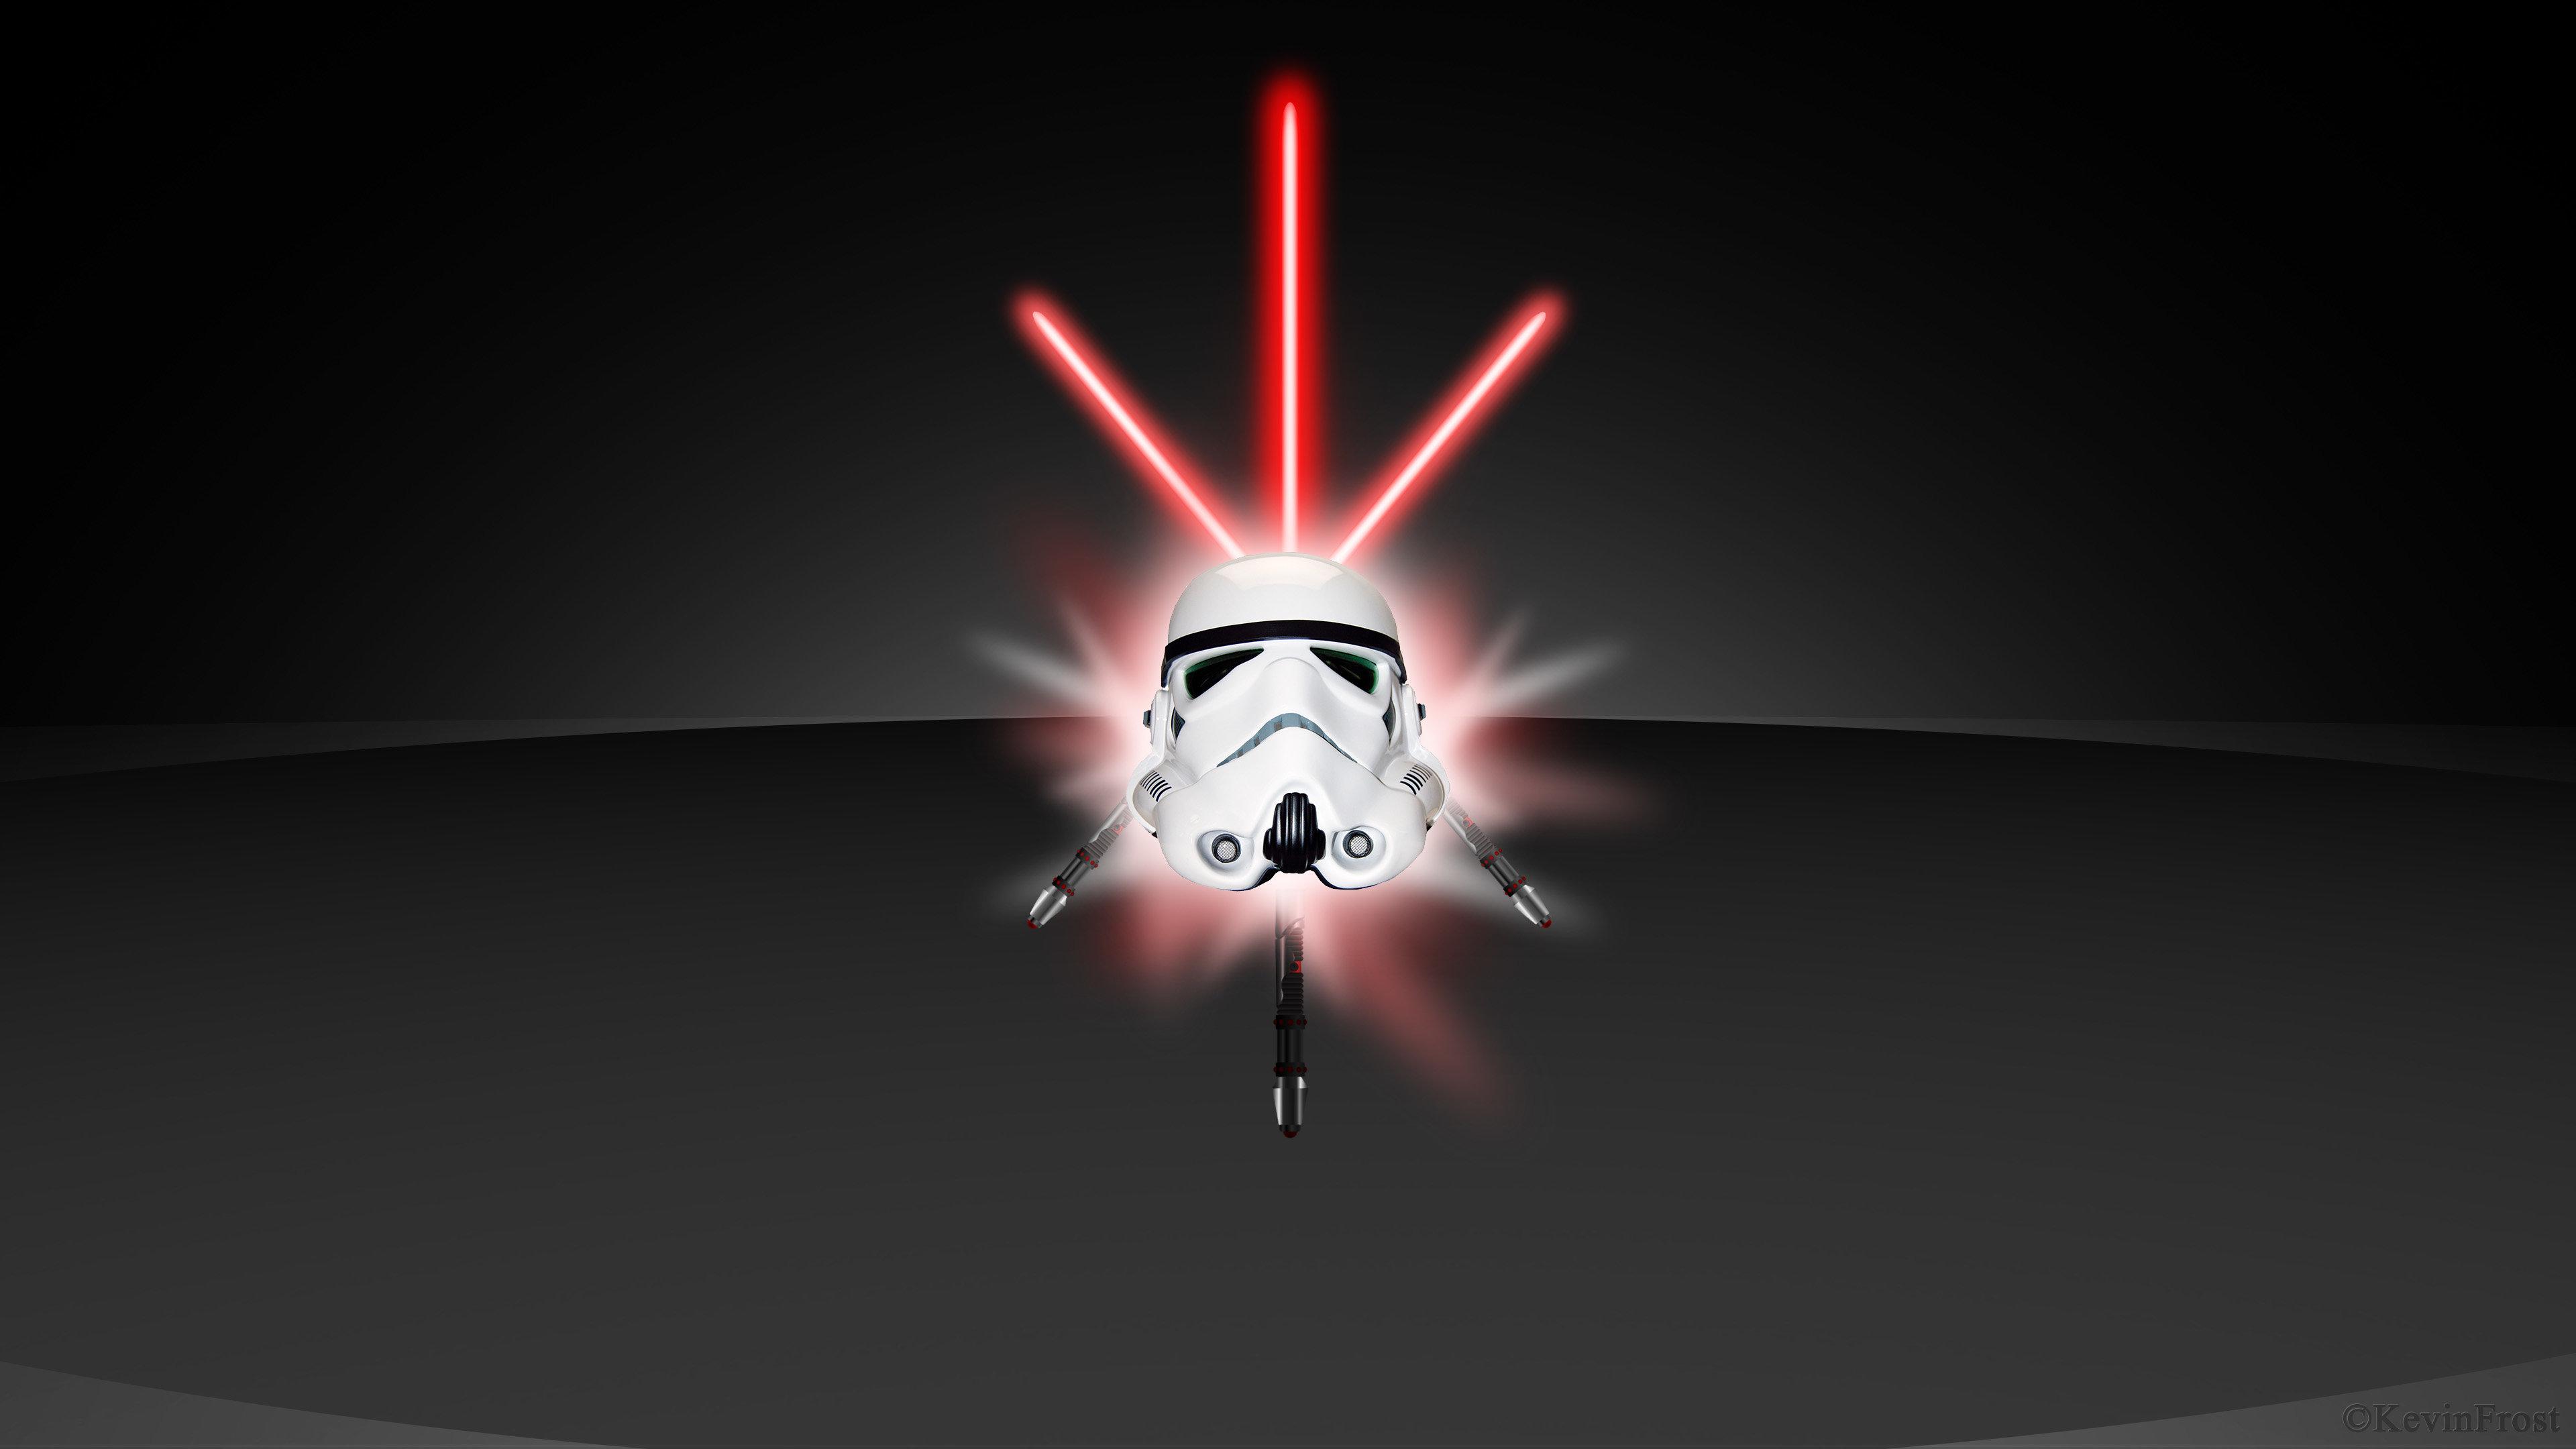 star wars background hd 4k 459625